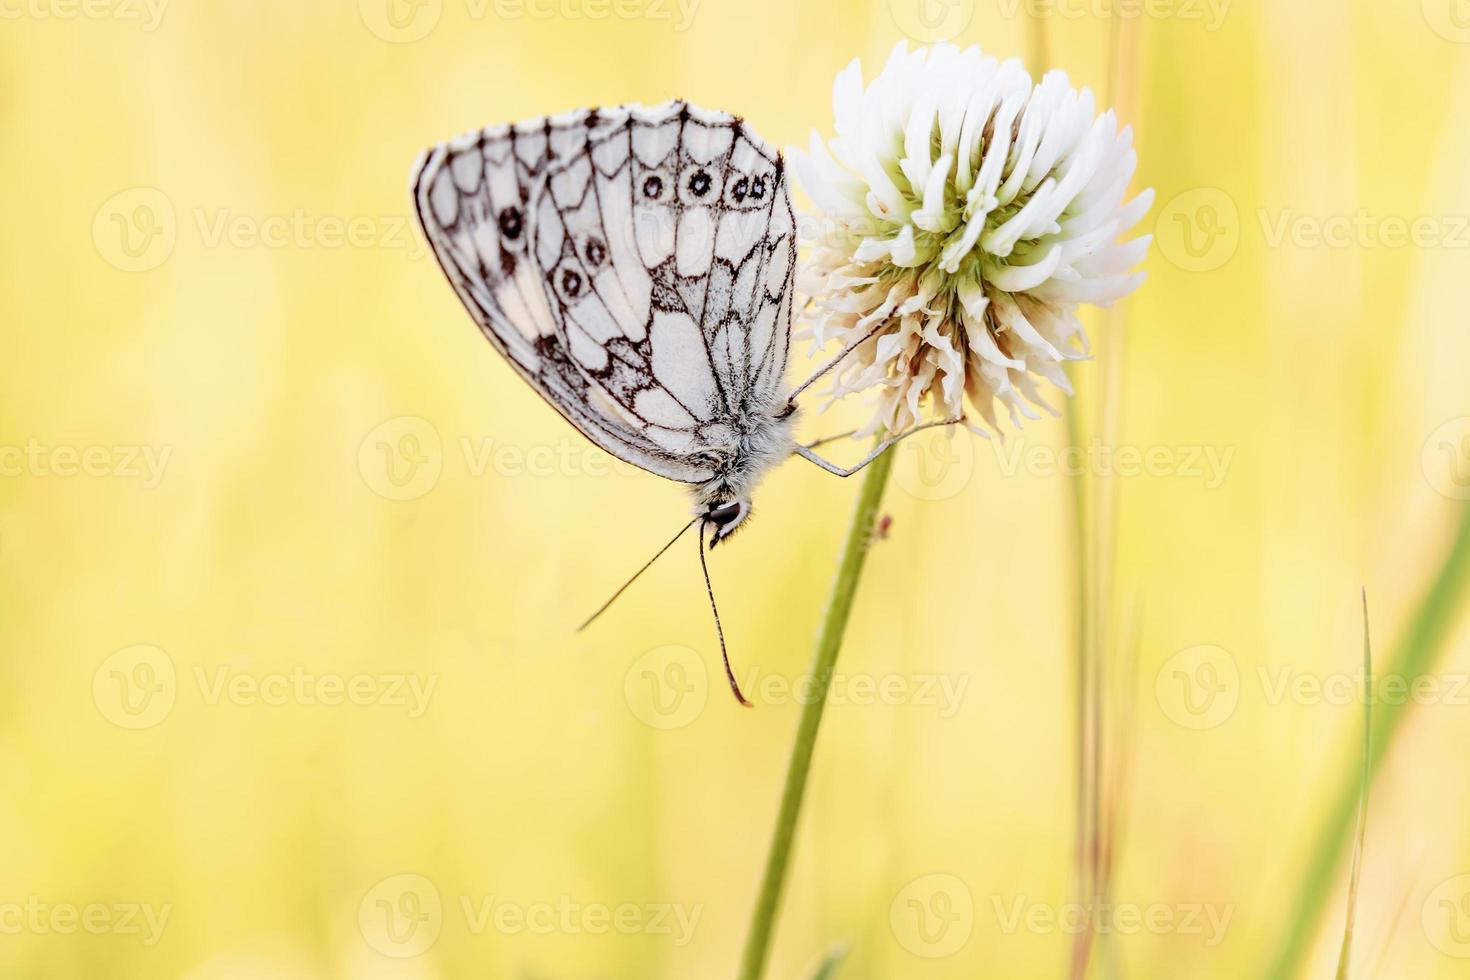 borboleta em mármore branco do tabuleiro de xadrez foto